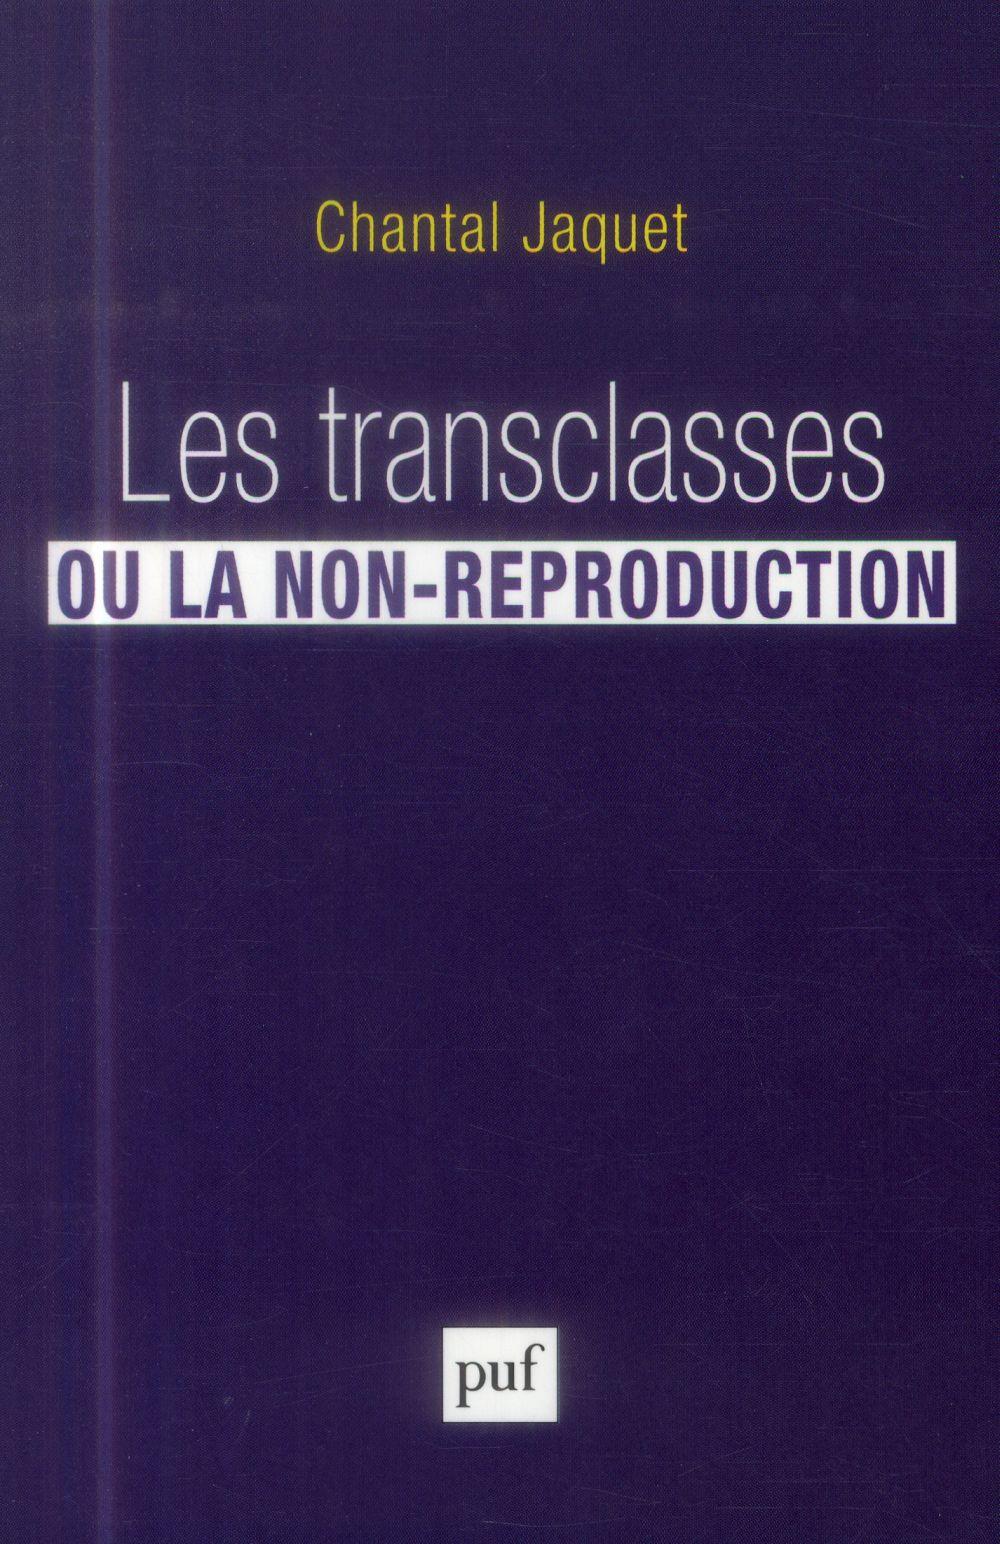 Les transclasses ou la non-réproduction